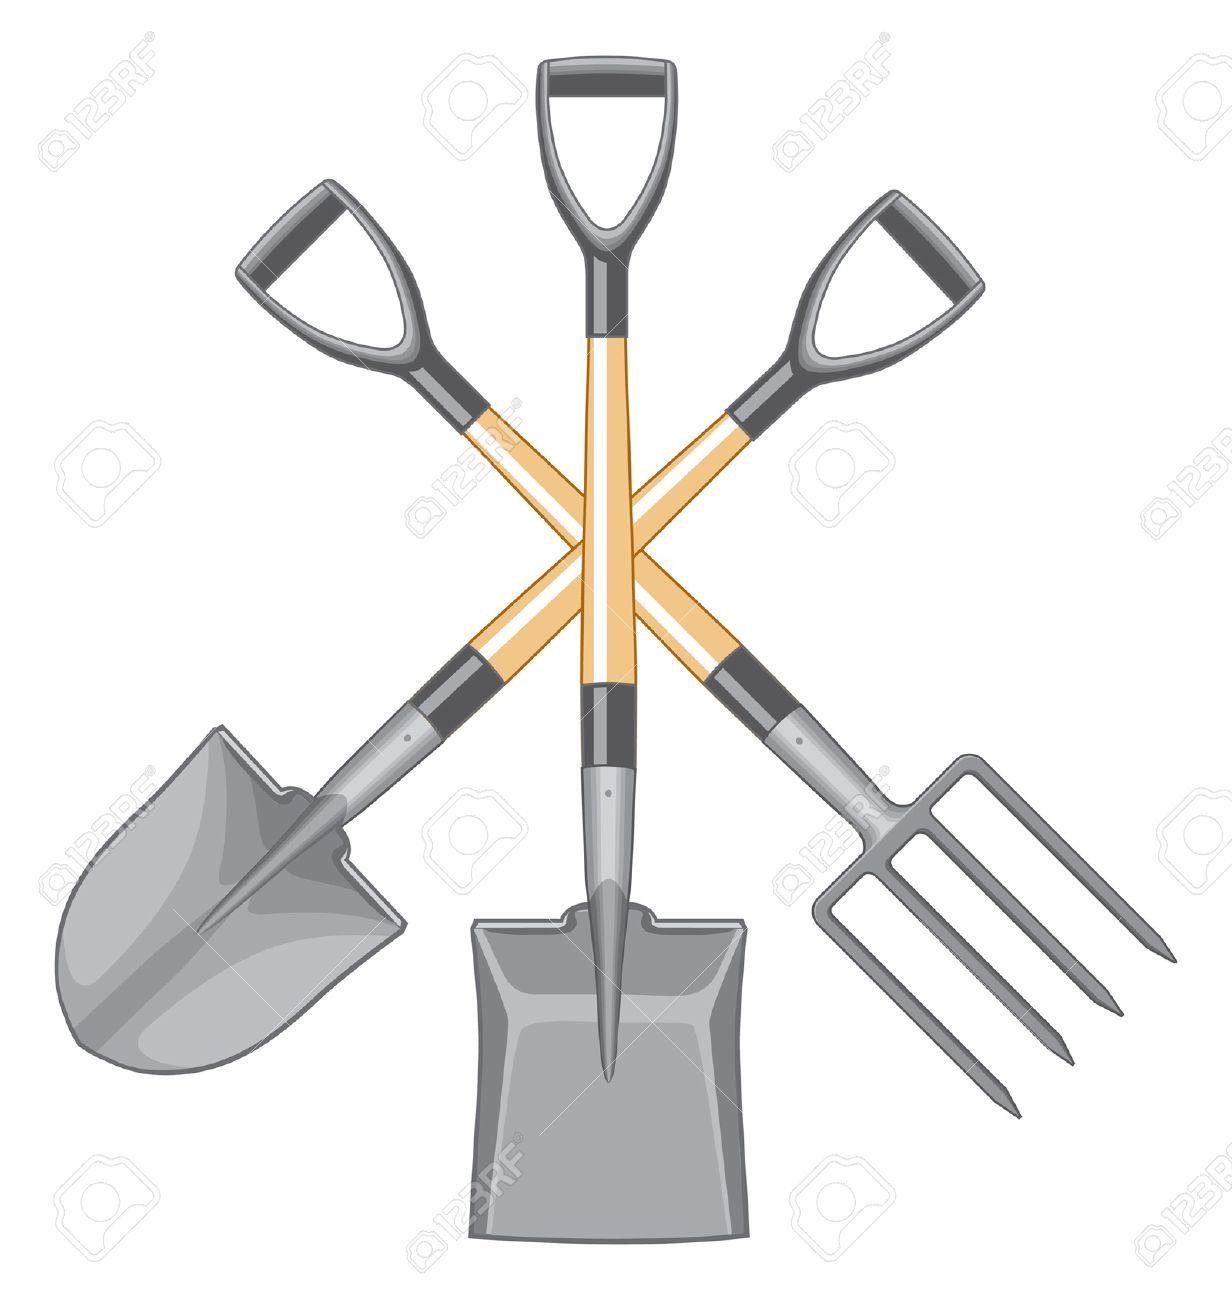 Pitchfork Garden Tool Clip Art - Google Search